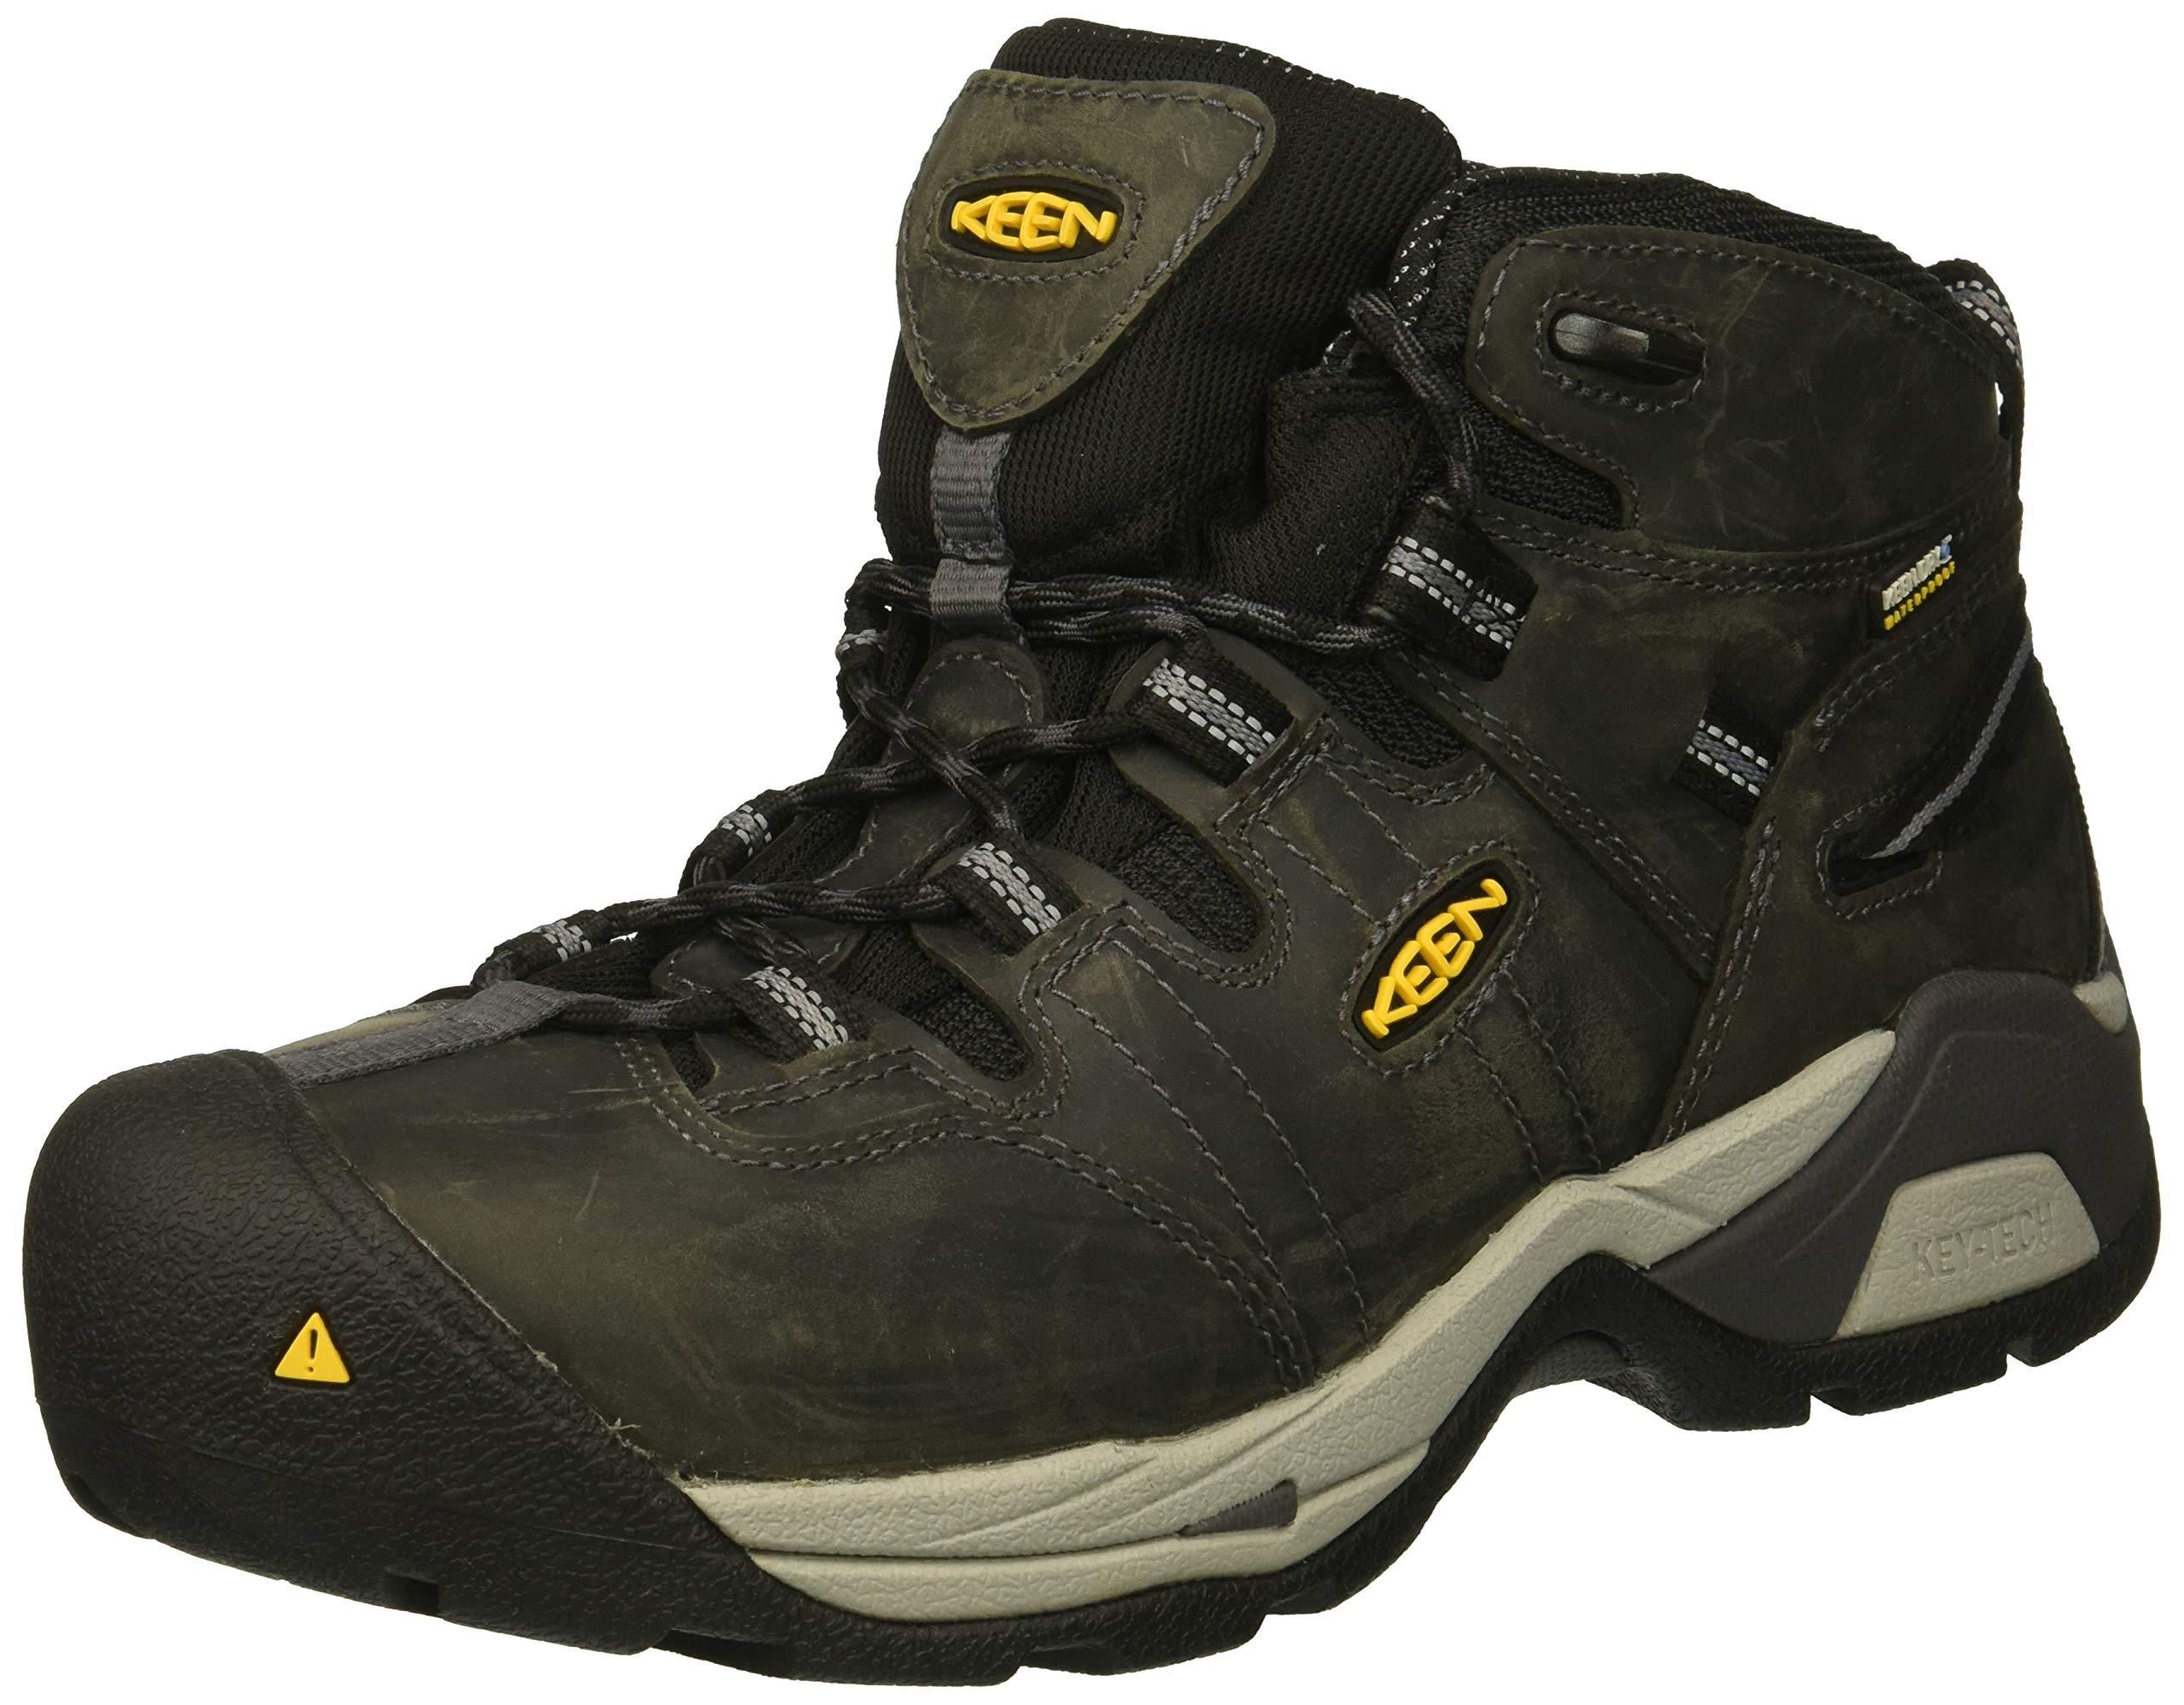 Keen Utility Men's Detroit XT Mid Steel Toe Waterproof Industrial Boot, Magnet/Paloma, 14 2E US